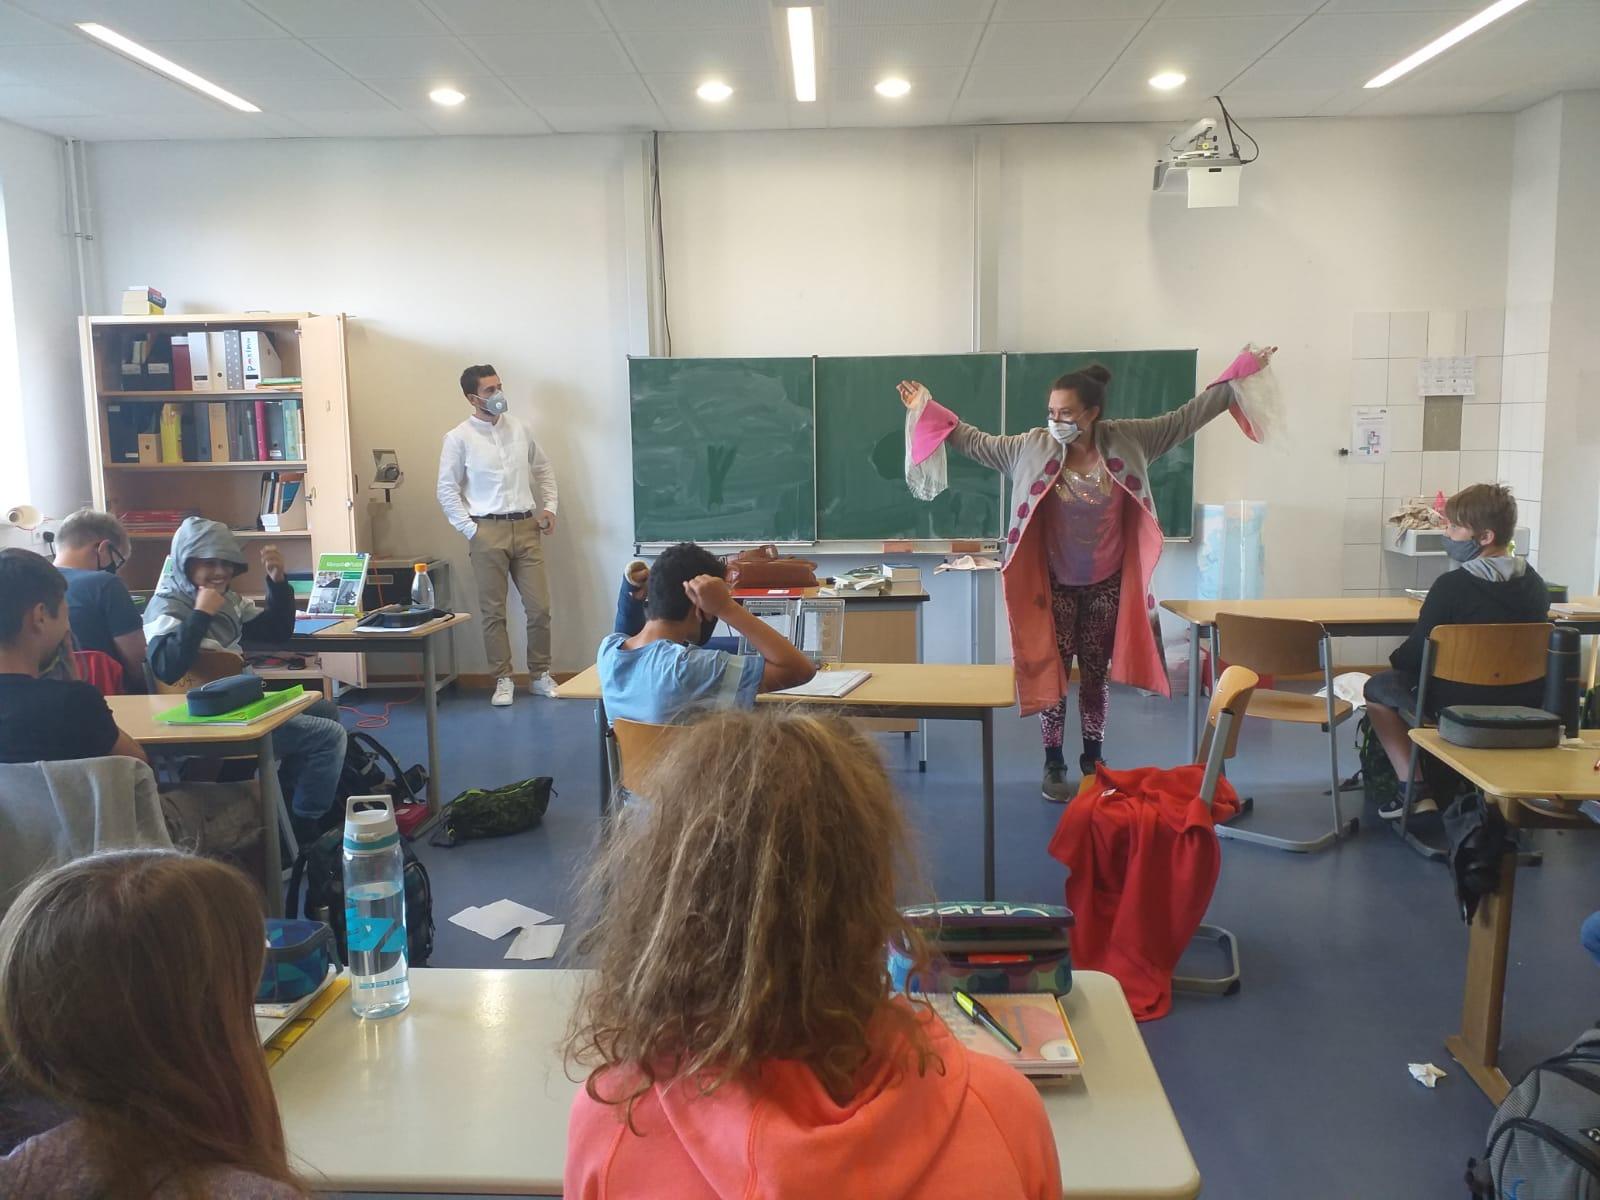 Die fliegende Künstlerin fliegt von Klassenzimmer zu Klassenzimmer